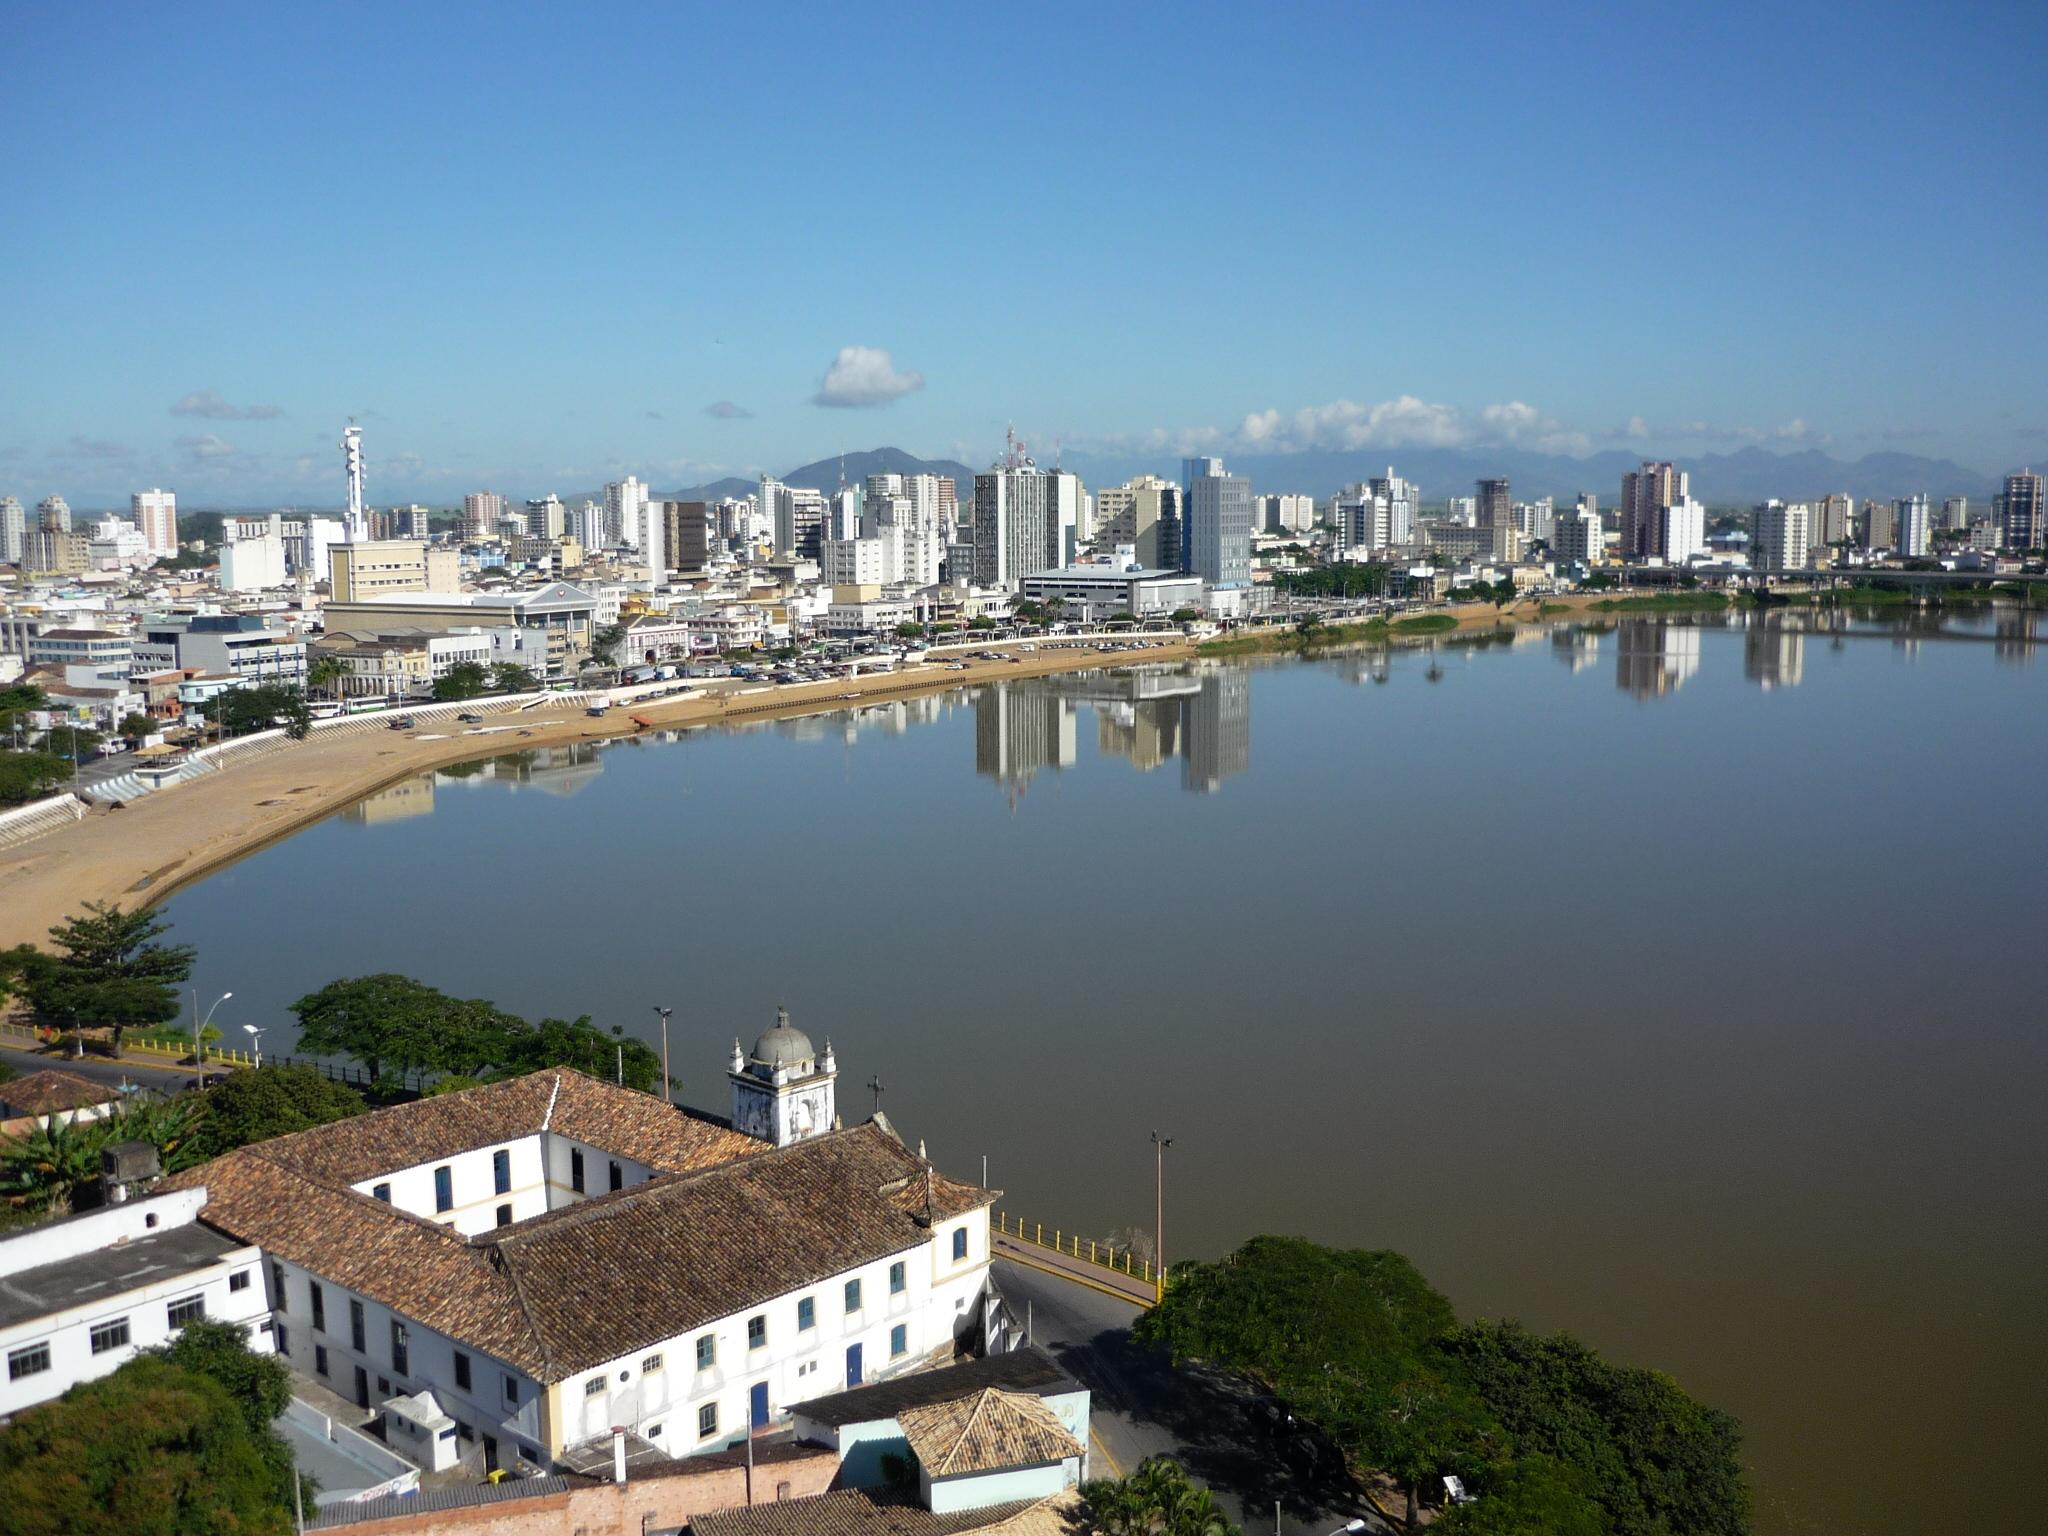 Campos dos Goytacazes Rio de Janeiro fonte: upload.wikimedia.org